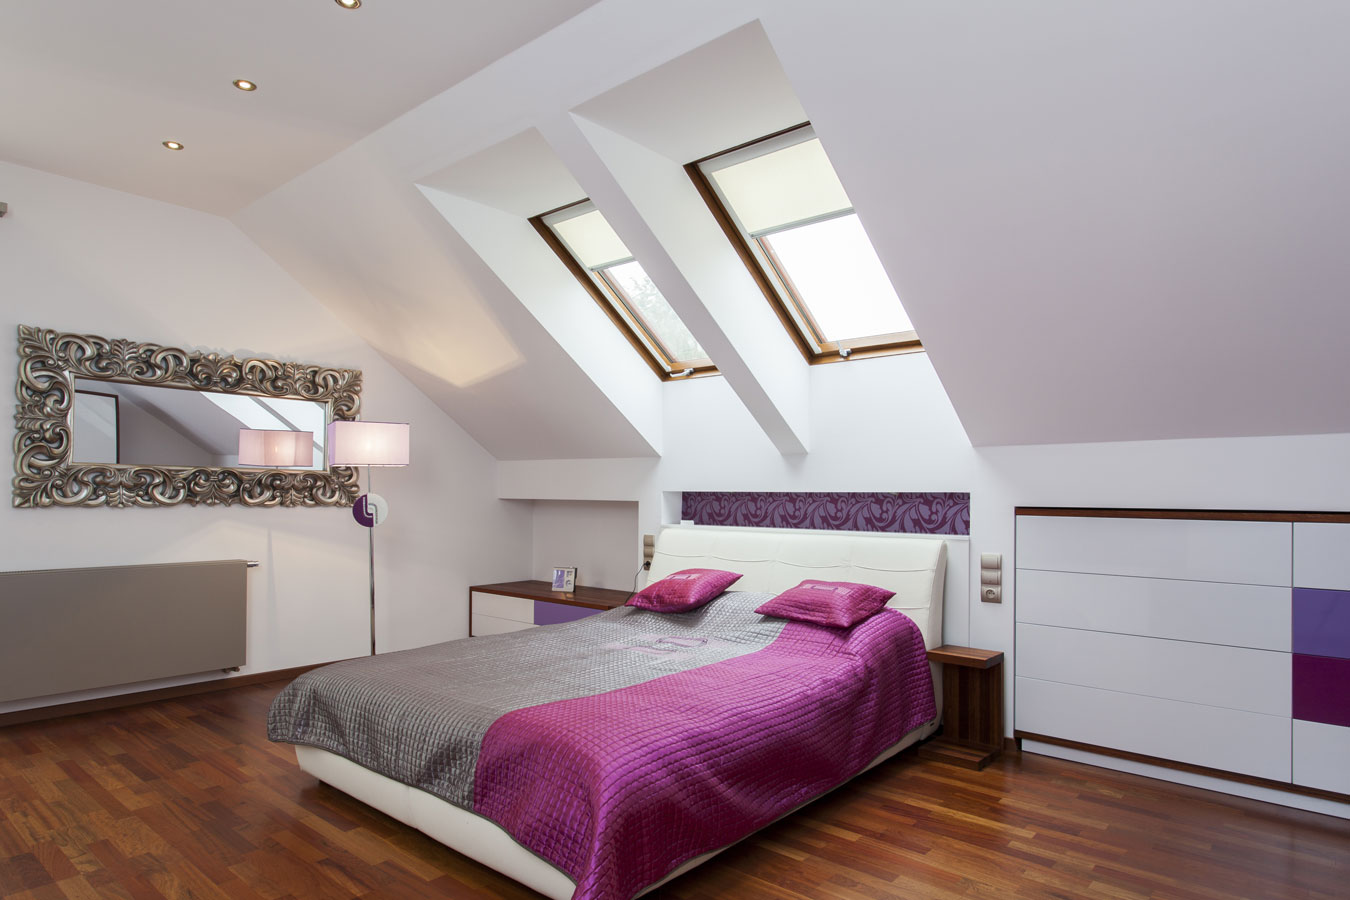 Slaapkamer op zolder: Tips & inspiratie